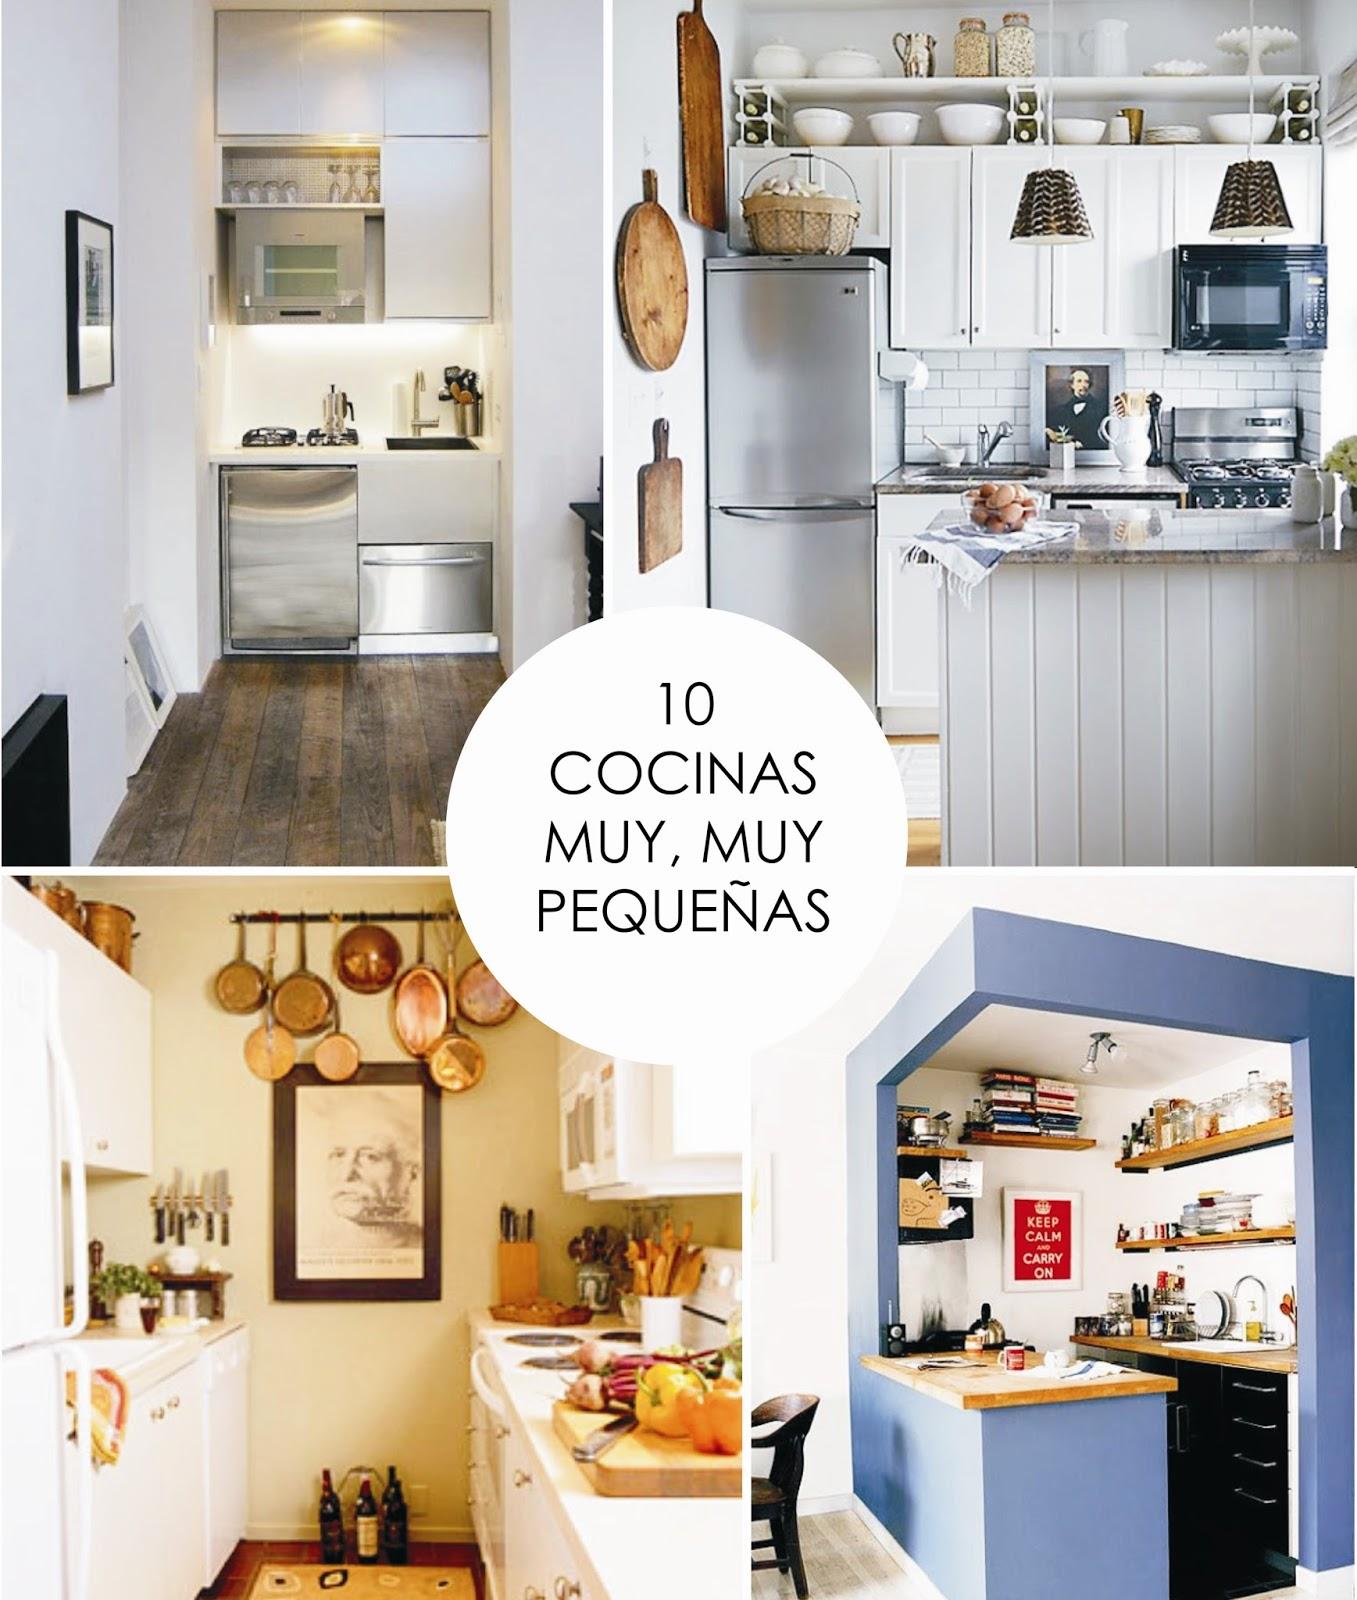 Y un poco de dise o 10 cocinas muy muy peque as for Cocinas muy pequenas y alargadas